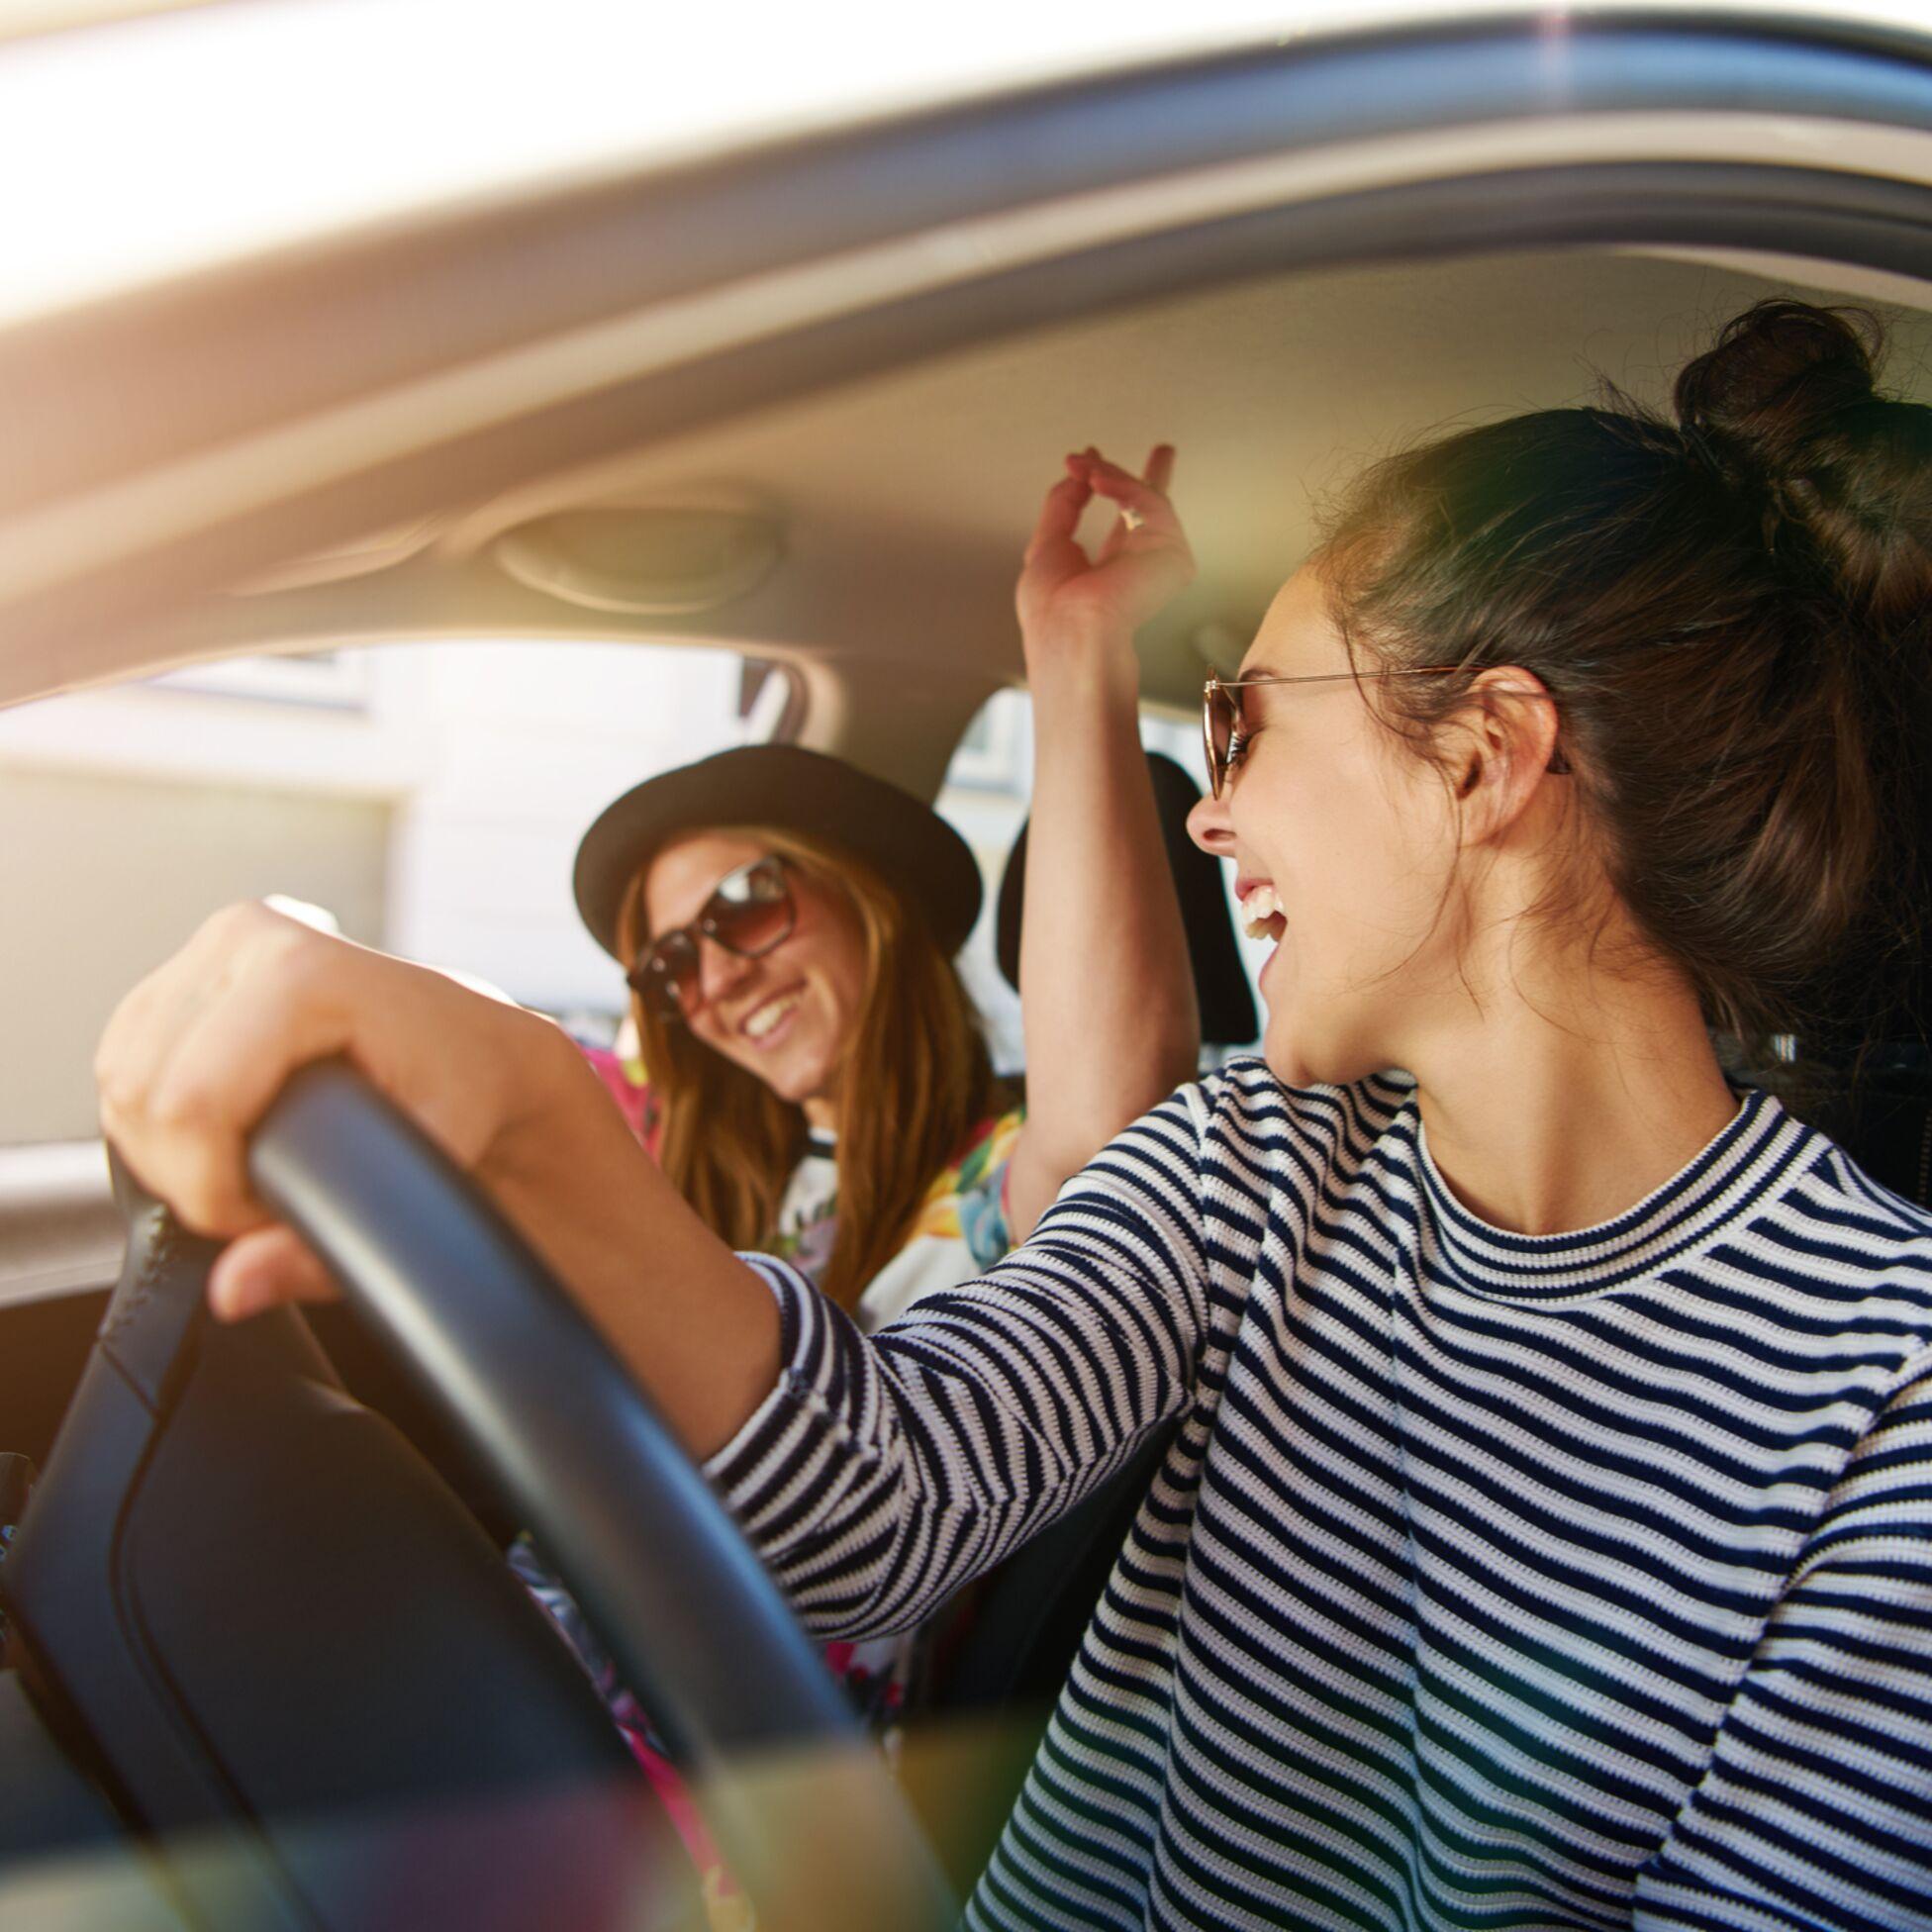 Zwei Frauen fahren glücklich Auto